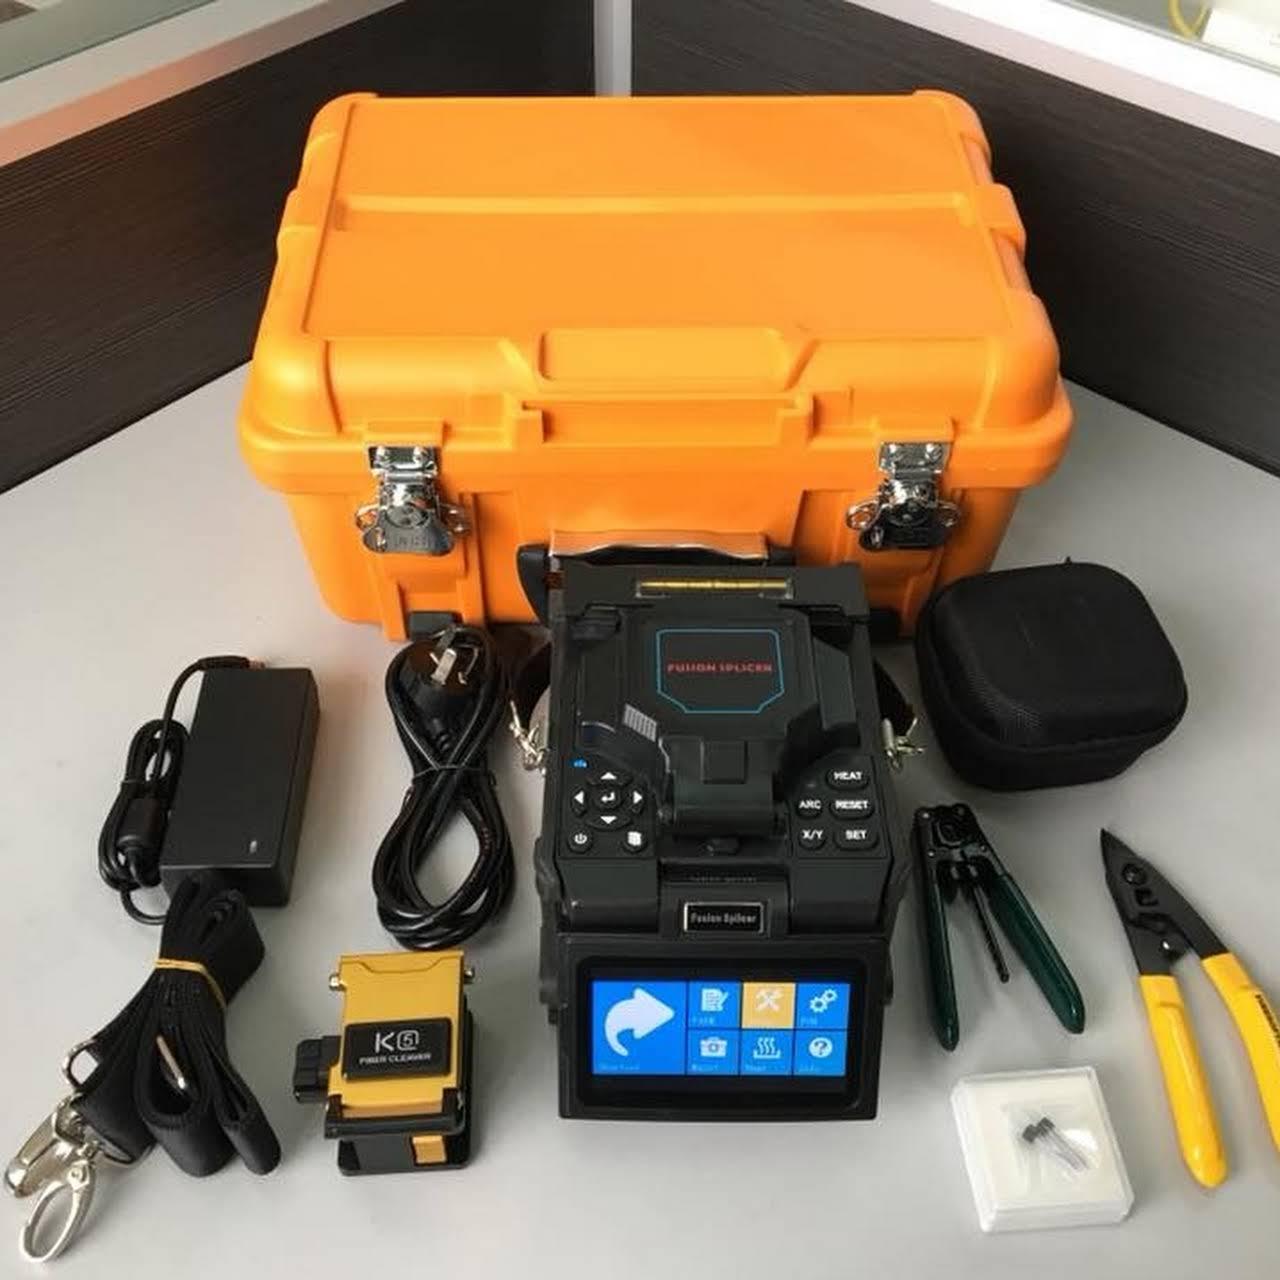 Dfs Digital Fiber Store Telecommunications Equipment Supplier In Fiberstore Updates